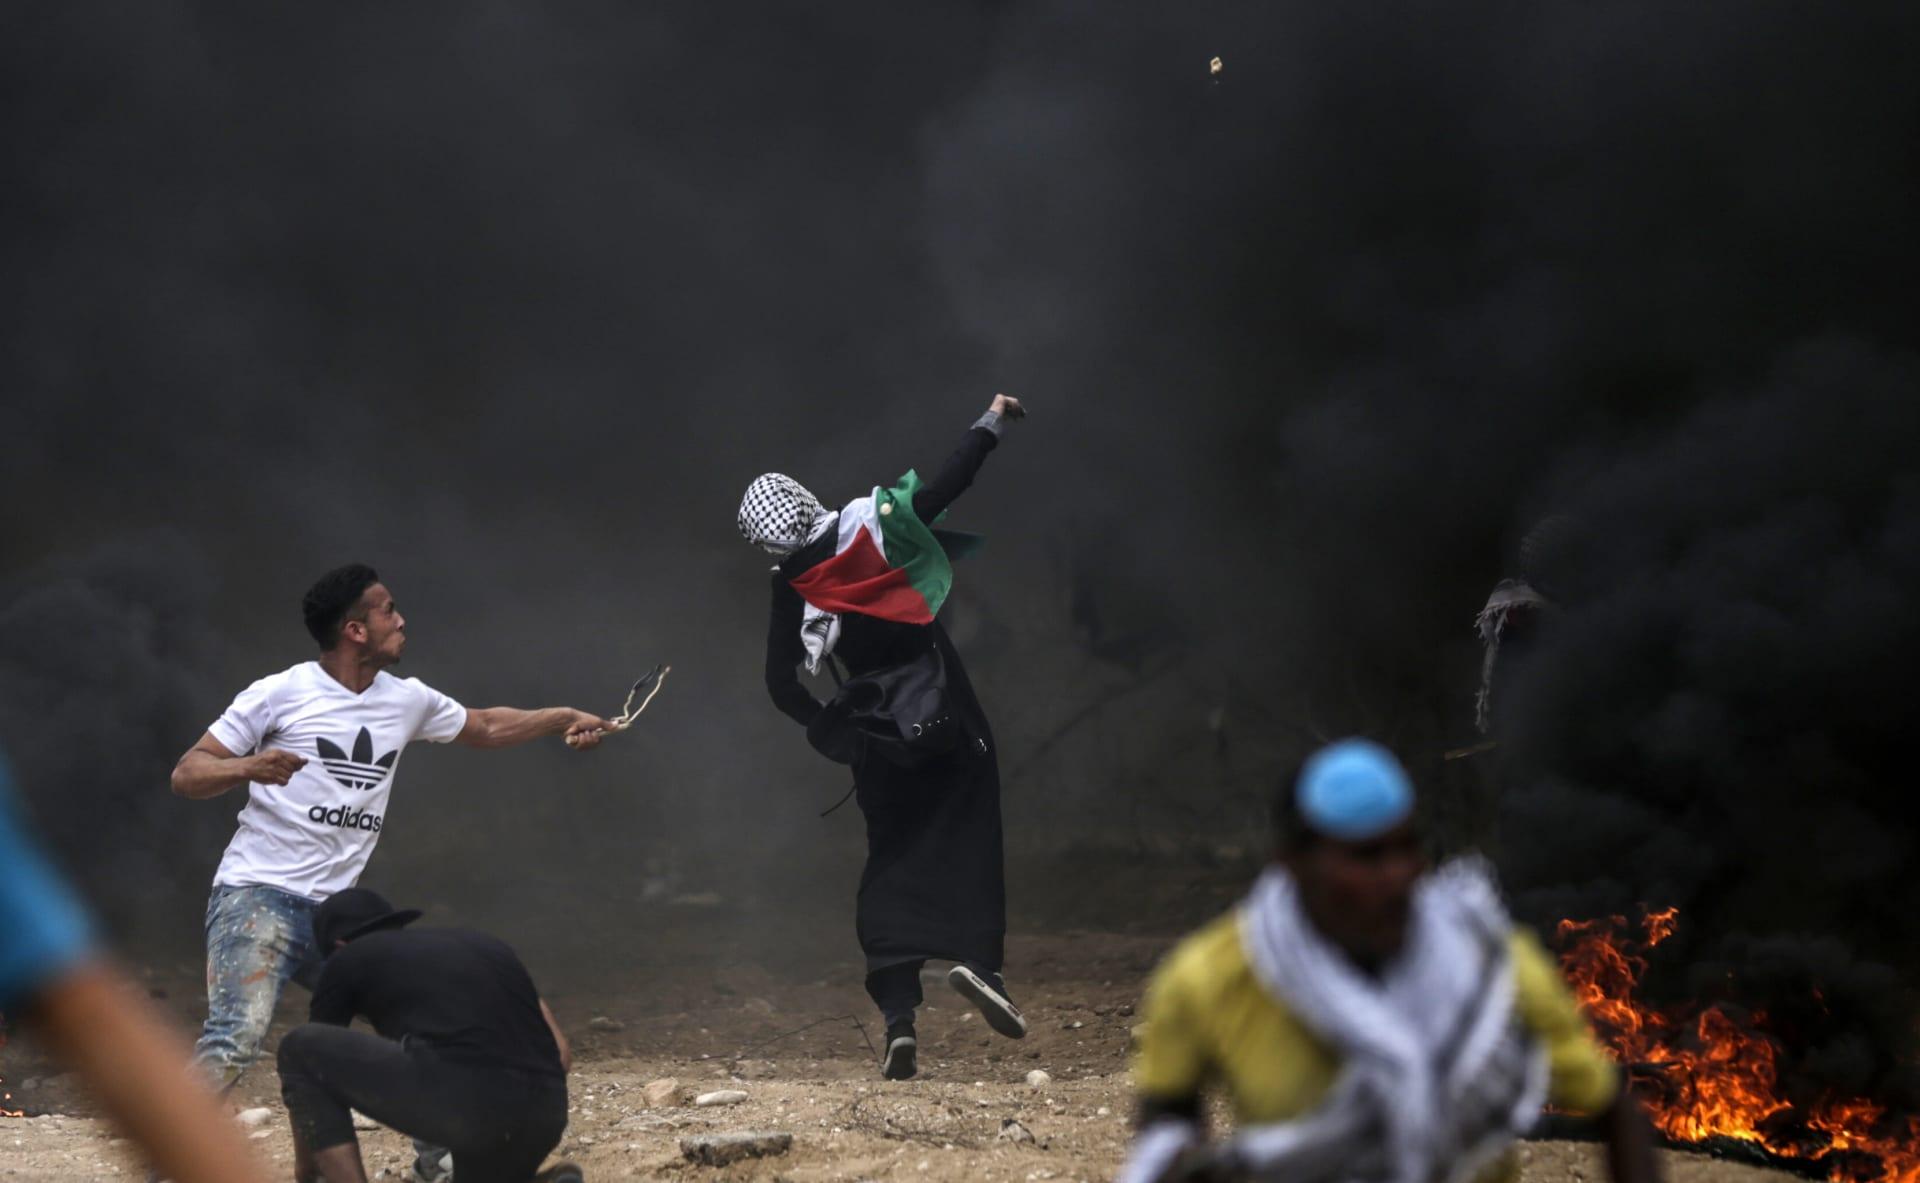 مقتل 3 فلسطينيين حاولوا عبور حدود قطاع غزة مع إسرائيل